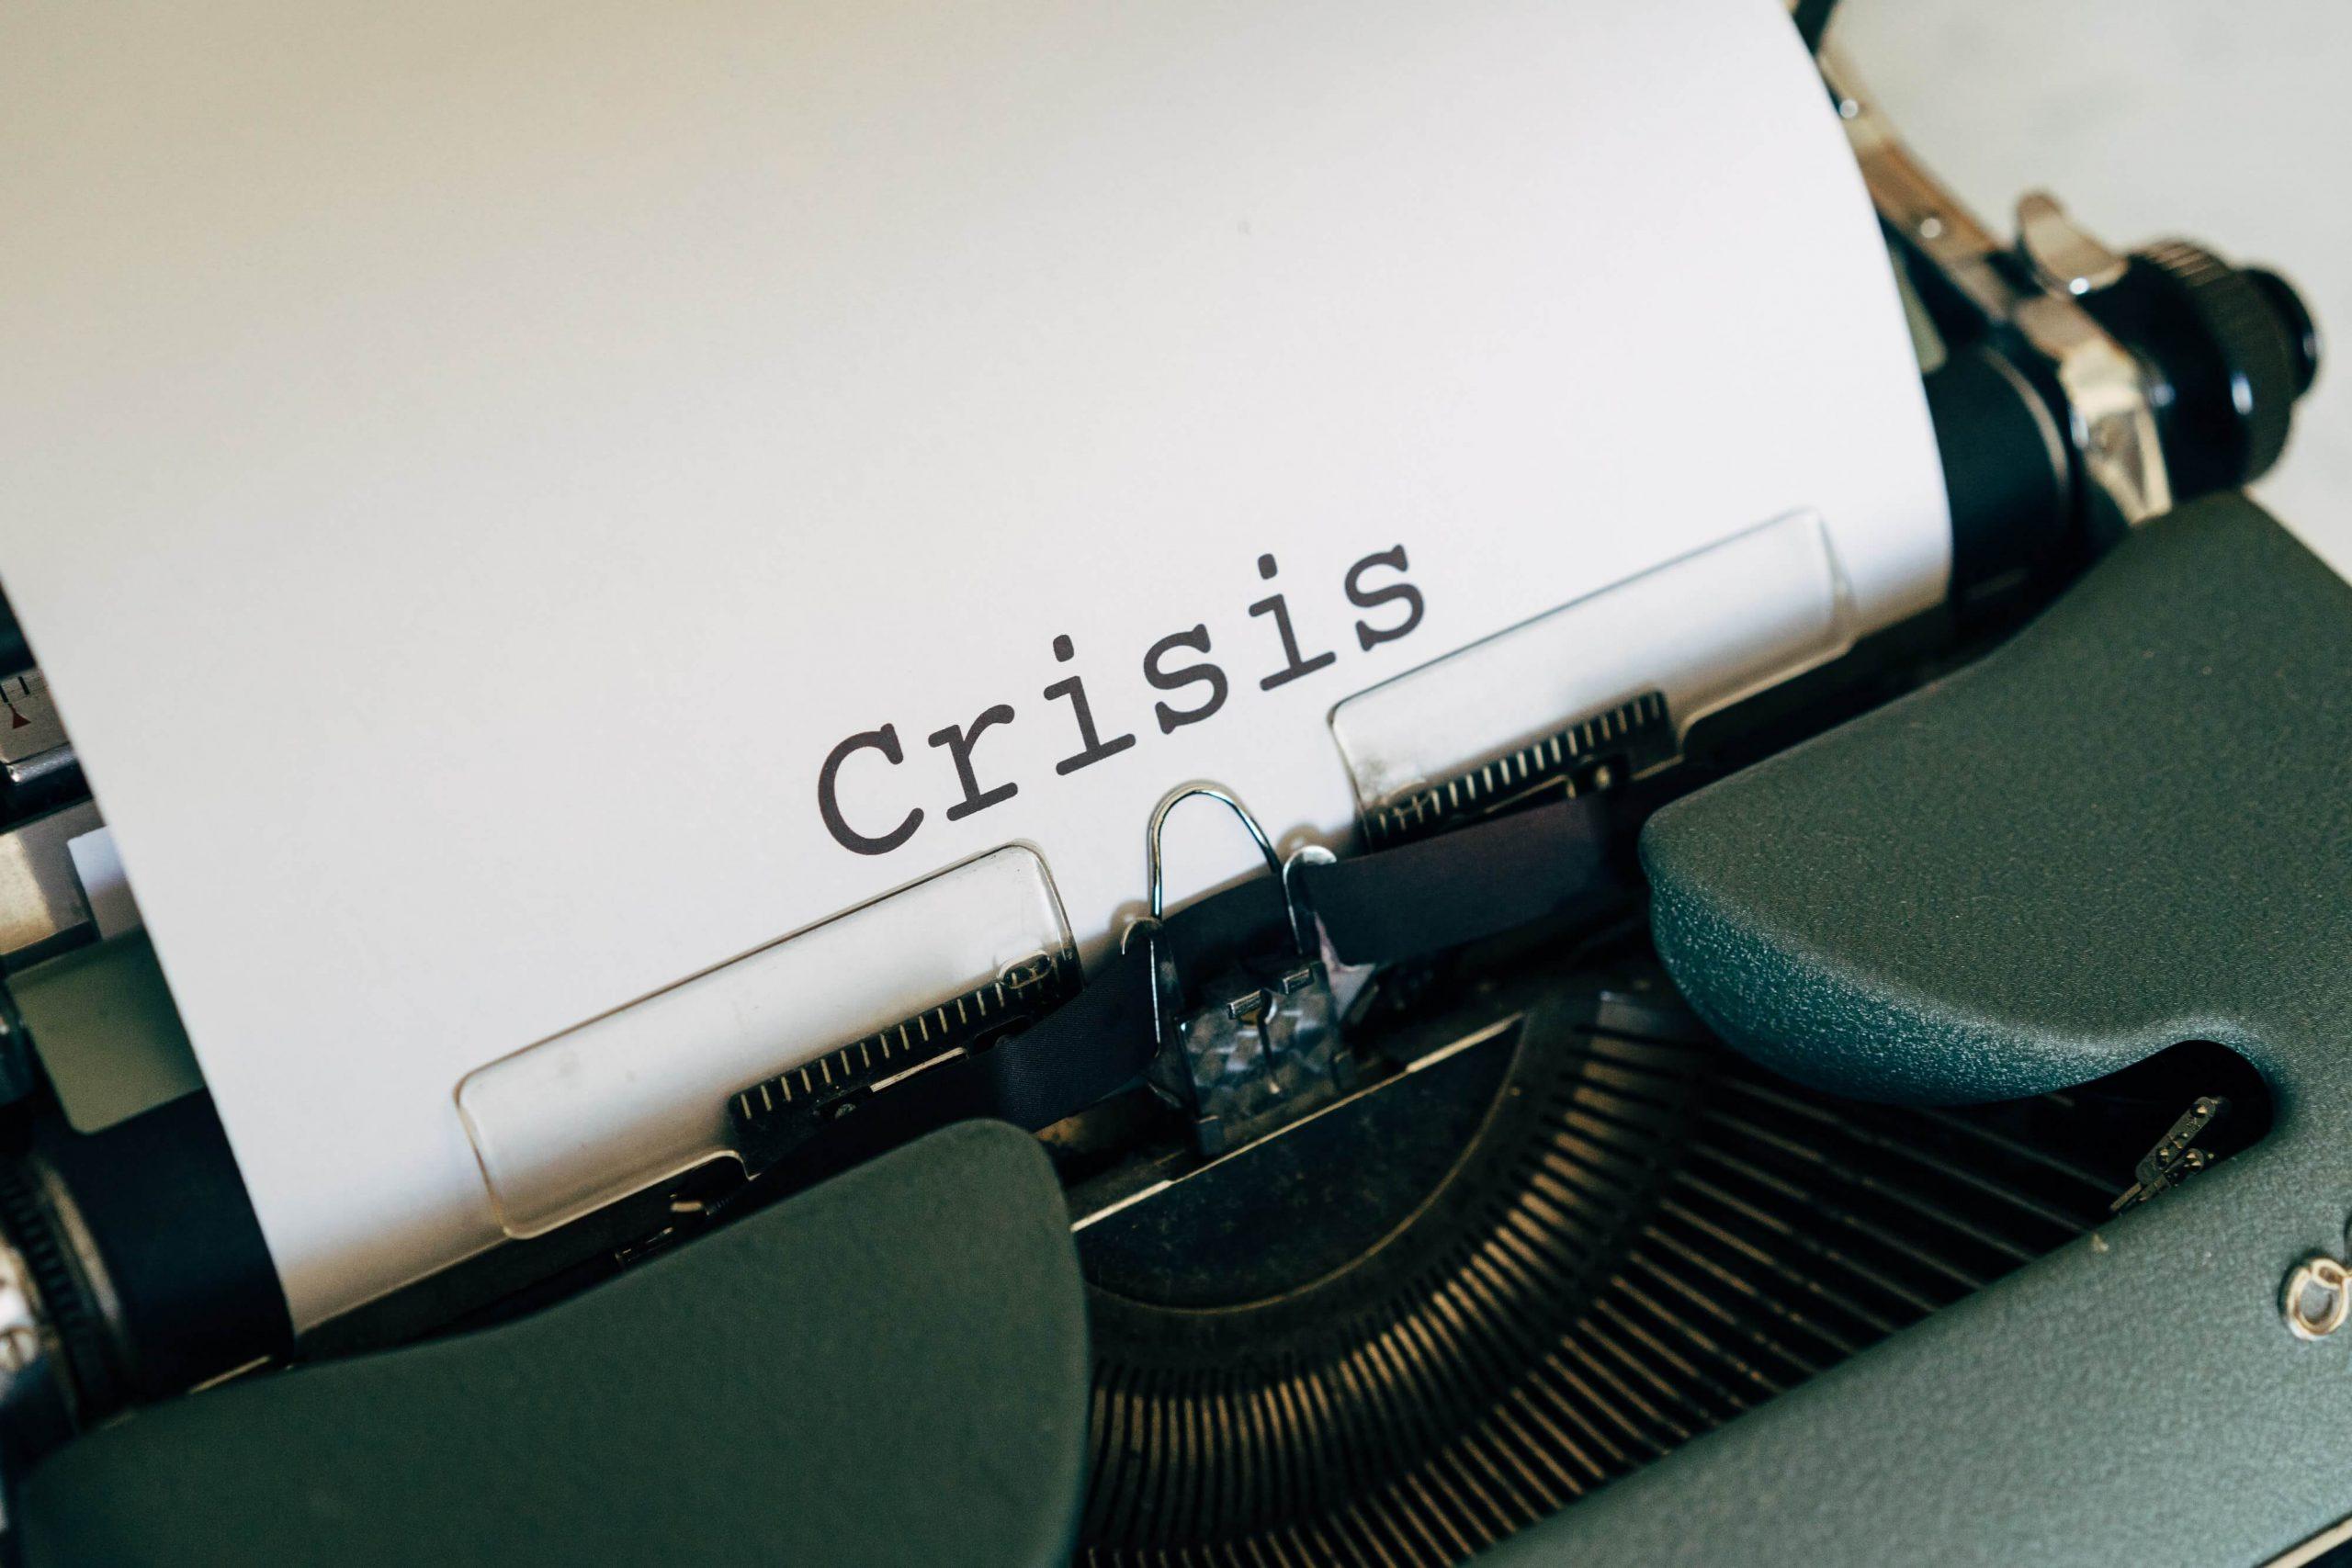 angstklachten psycholoog online